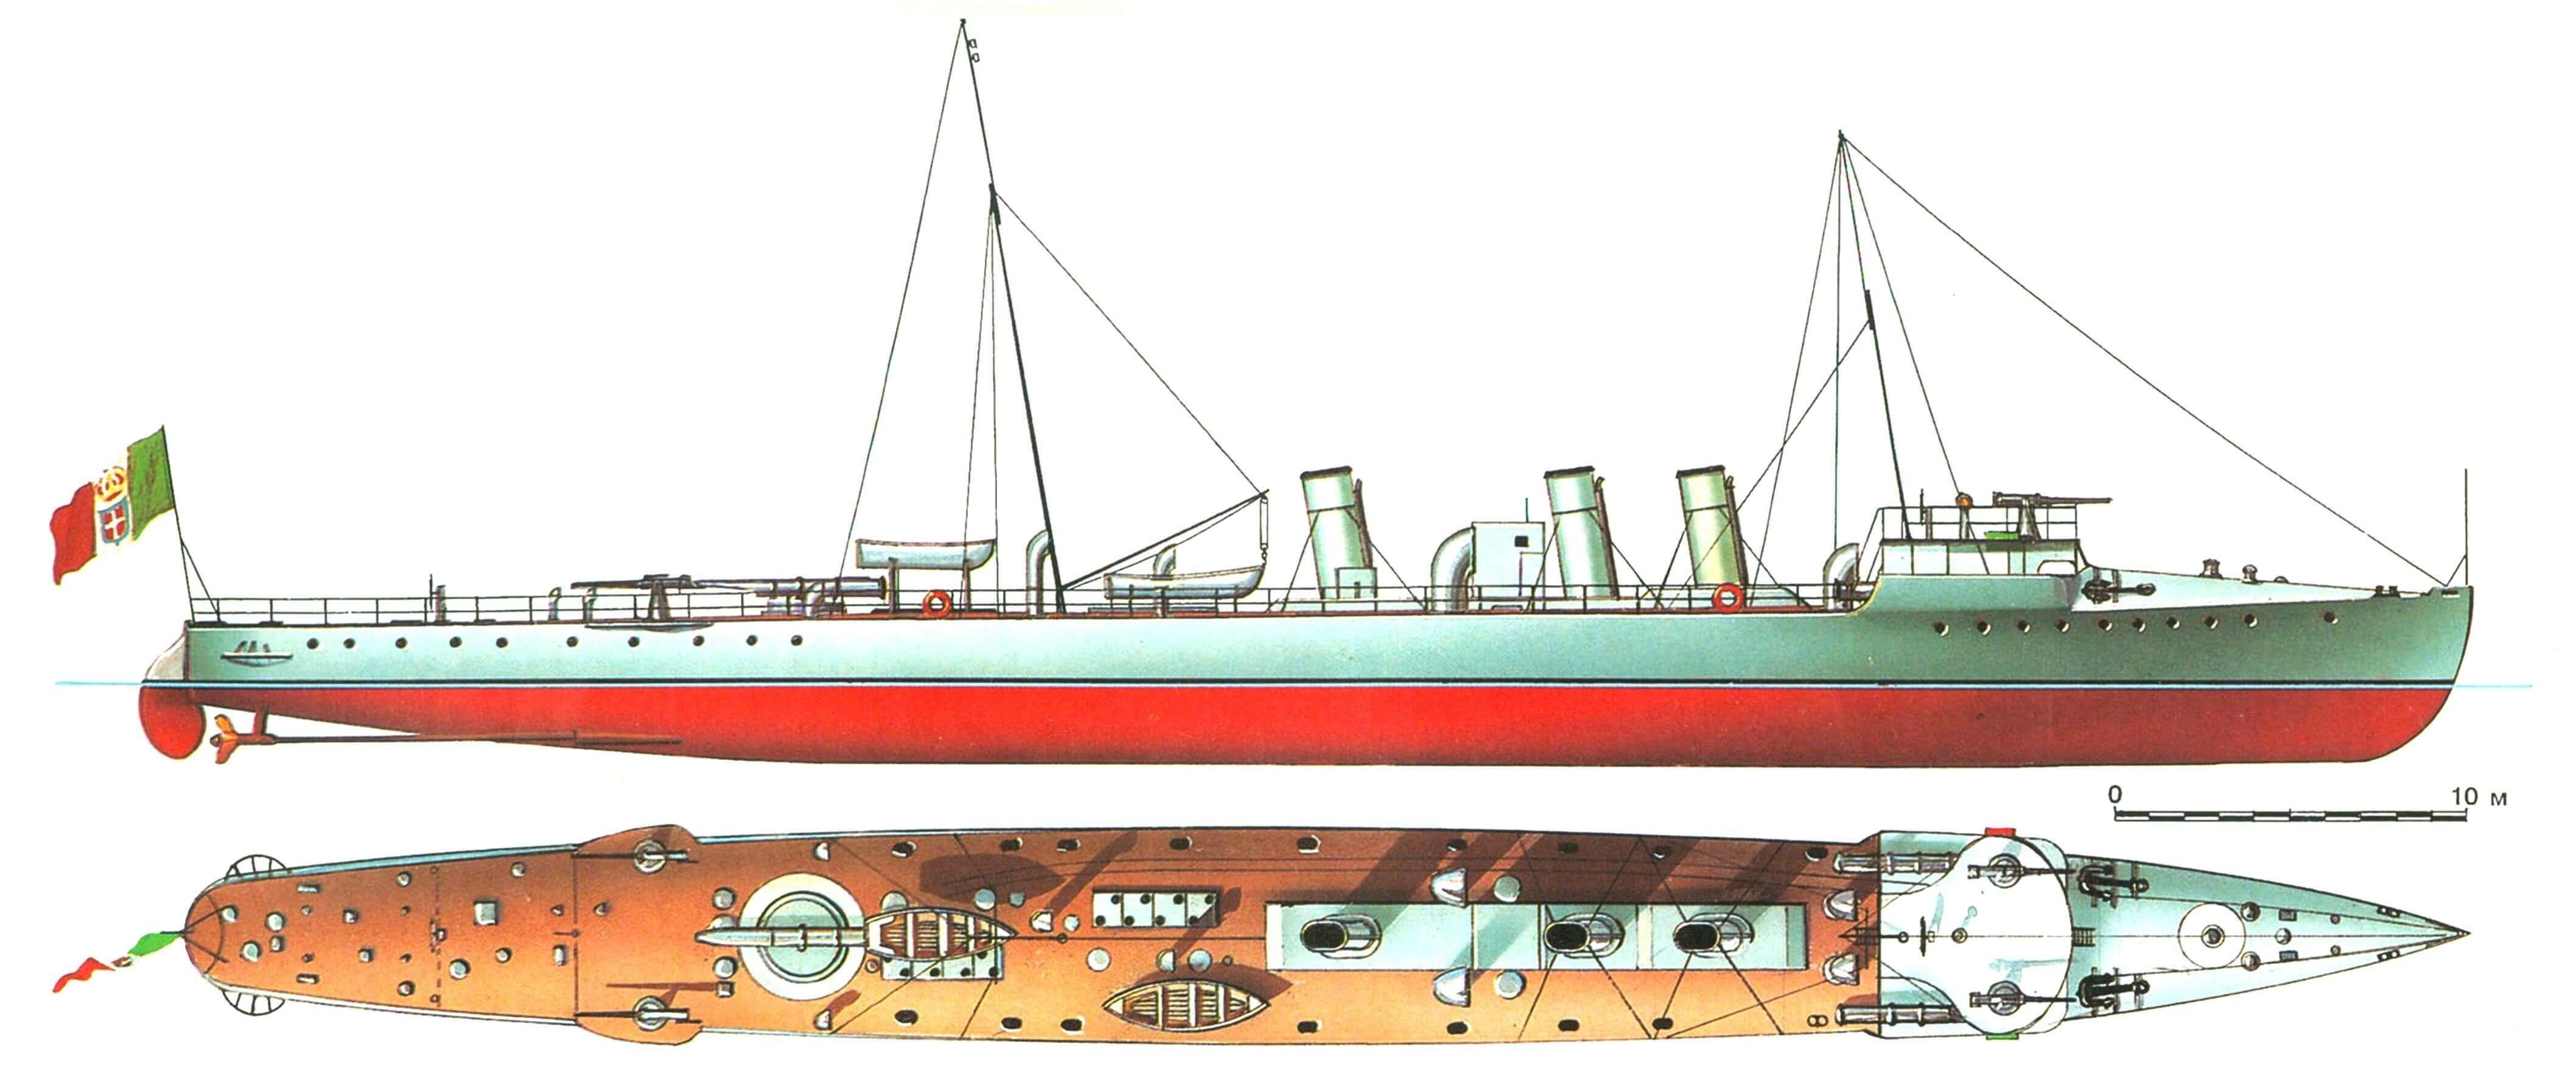 142. Эскадренный миноносец «БЕРСАЛЬЕРЕ», Италия, 1907 г. Строился в Италии фирмой «Ансальдо». Водоизмещение нормальное 395 т, полное 415 т. Длина наибольшая 65,1 м, ширина 6,1 м, осадка 2,1 м. Мощность двухвальной паросиловой установки 6000 л.с., скорость 28,5 узла. Вооружение: четыре 76-мм пушки, три 450-мм торпедных аппарата. Всего в 1907— 1913 годах построено 11 единиц: «Берсальере», «Гранатьере», «Артильере», «Ланчиере», «Кораццьере», «Карабиньере», «Гарибальдино», «Апьпино», «Фучильере», «Понтиере» и «Аскаро». «Гарибальдино» погиб в июле 1918 г. в результате столкновения, остальные сданы на слом в 1923—1932 гг.